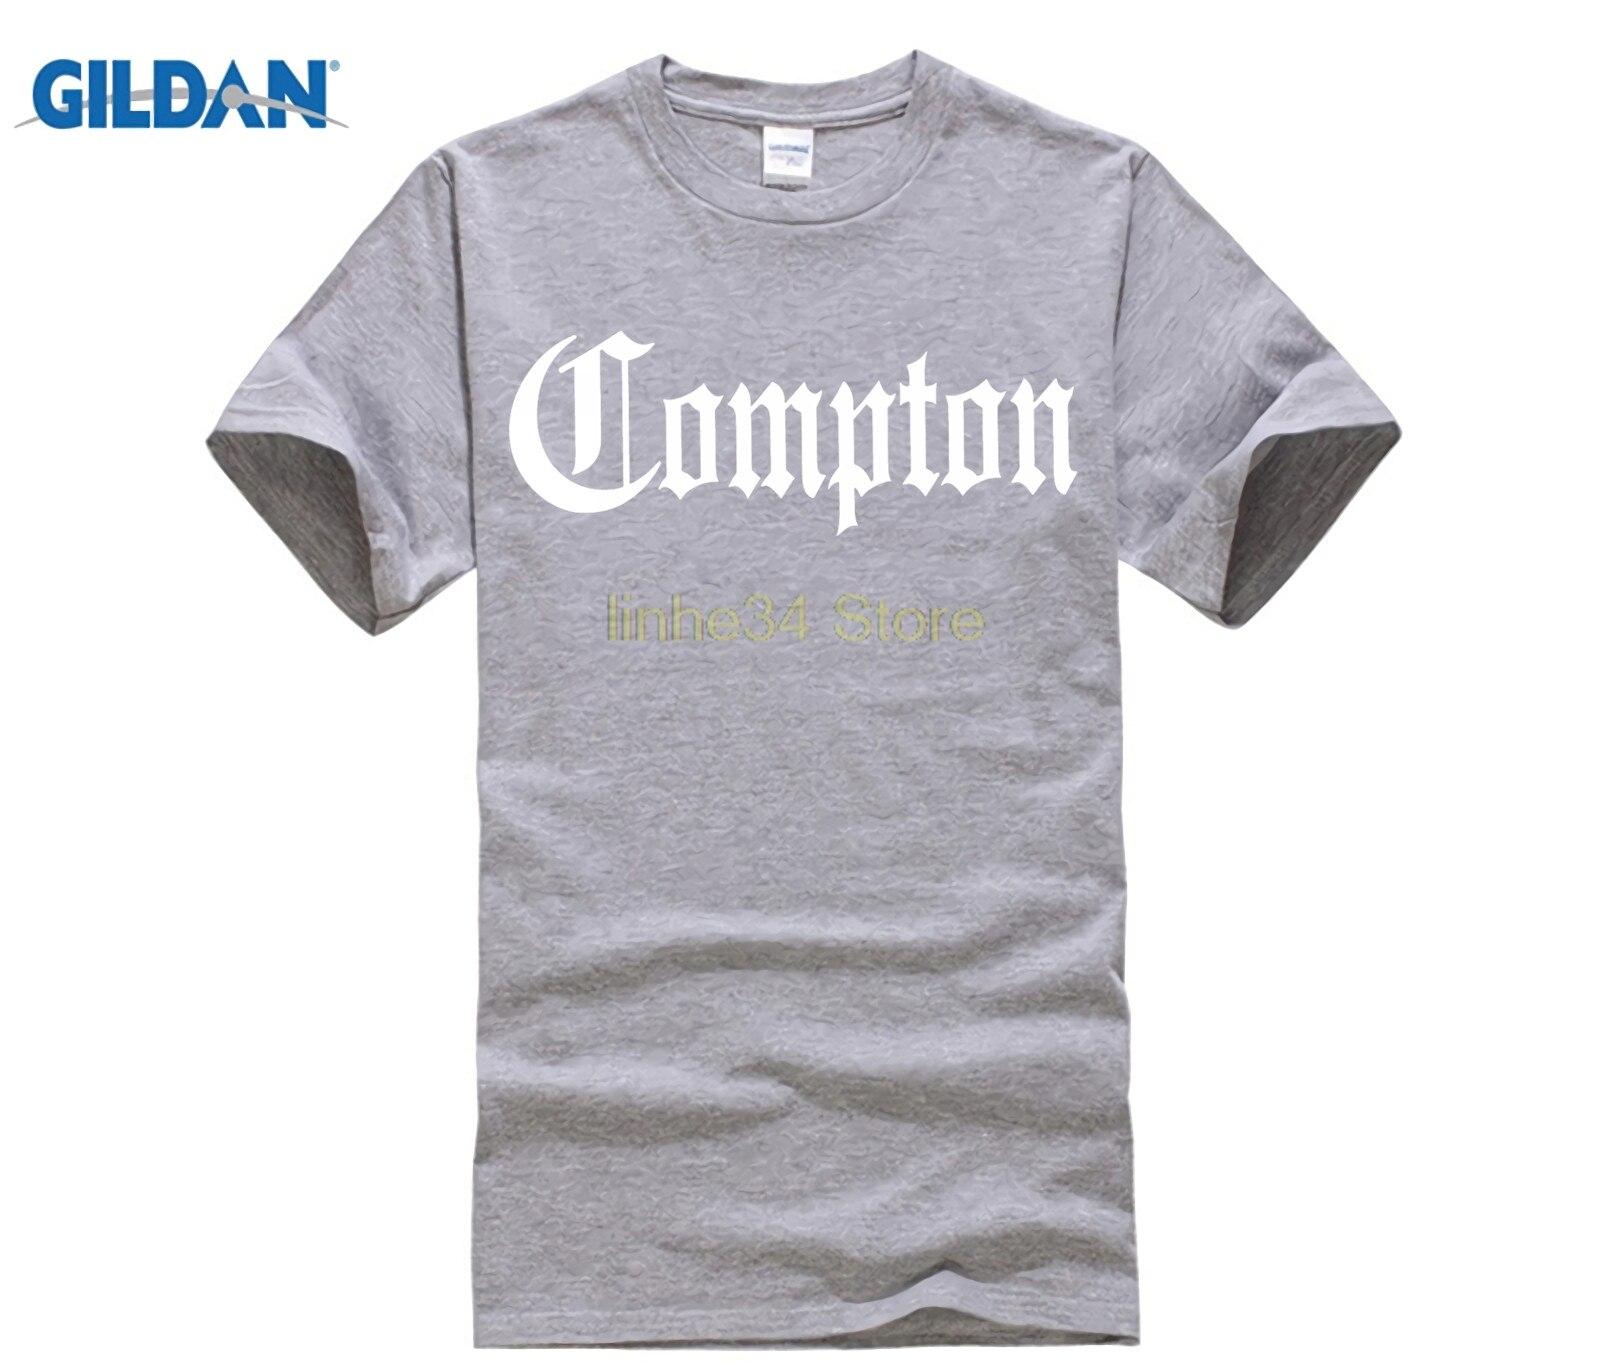 Compton California gótico Eazy E NWA el dr. Vintage ropa de cuello redondo Popular camiseta cuello redondo 100% camisetas de algodón